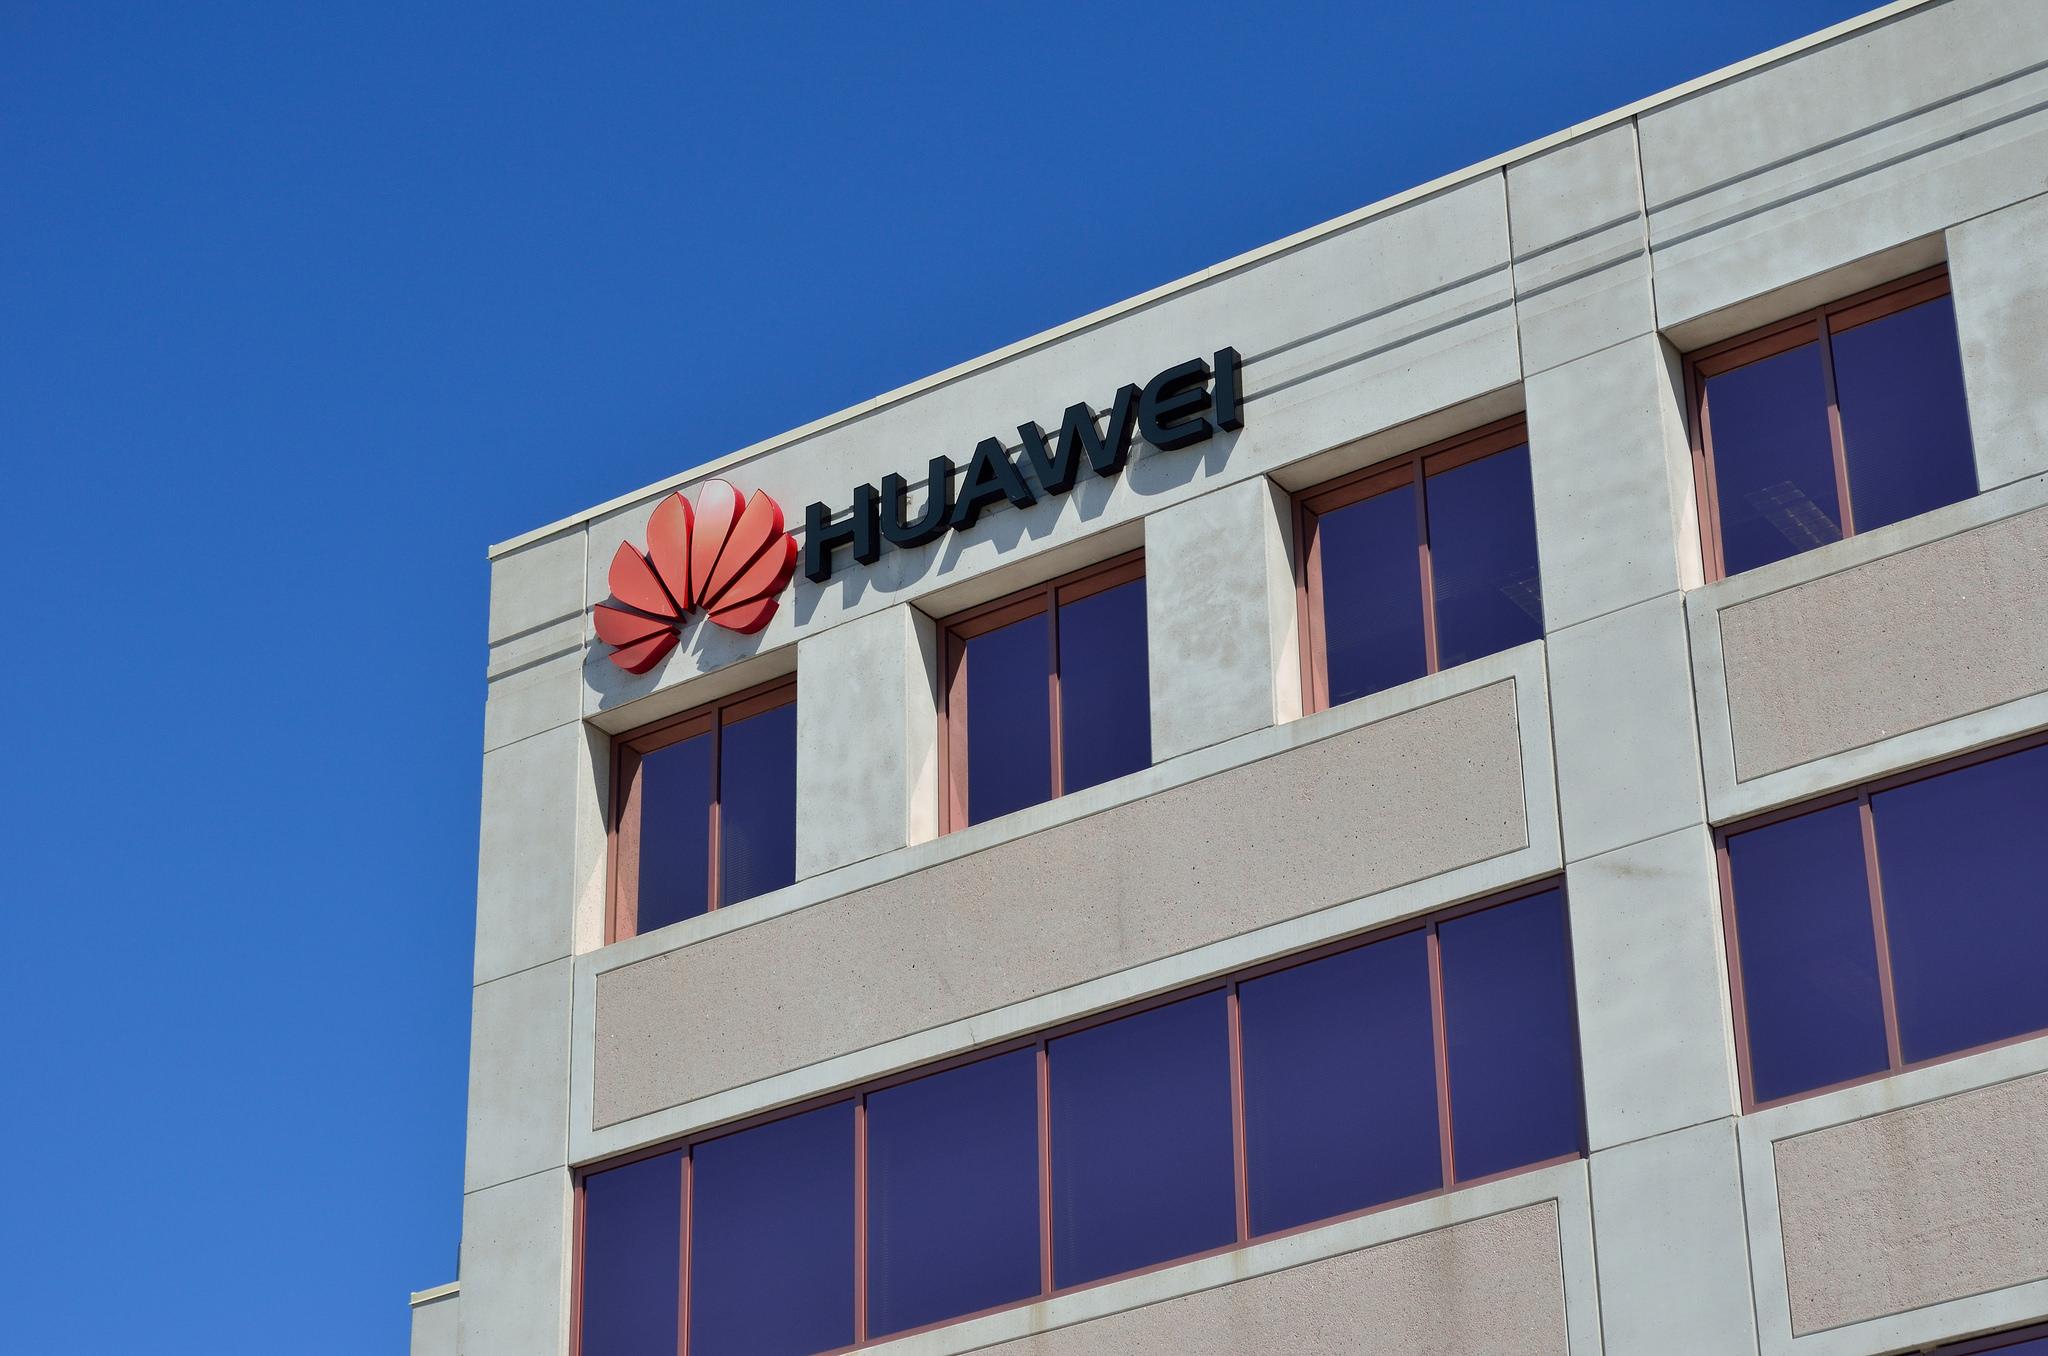 Une vulnérabilité grossière sur un composant Huawei permet de contrôler des caméras de surveillance